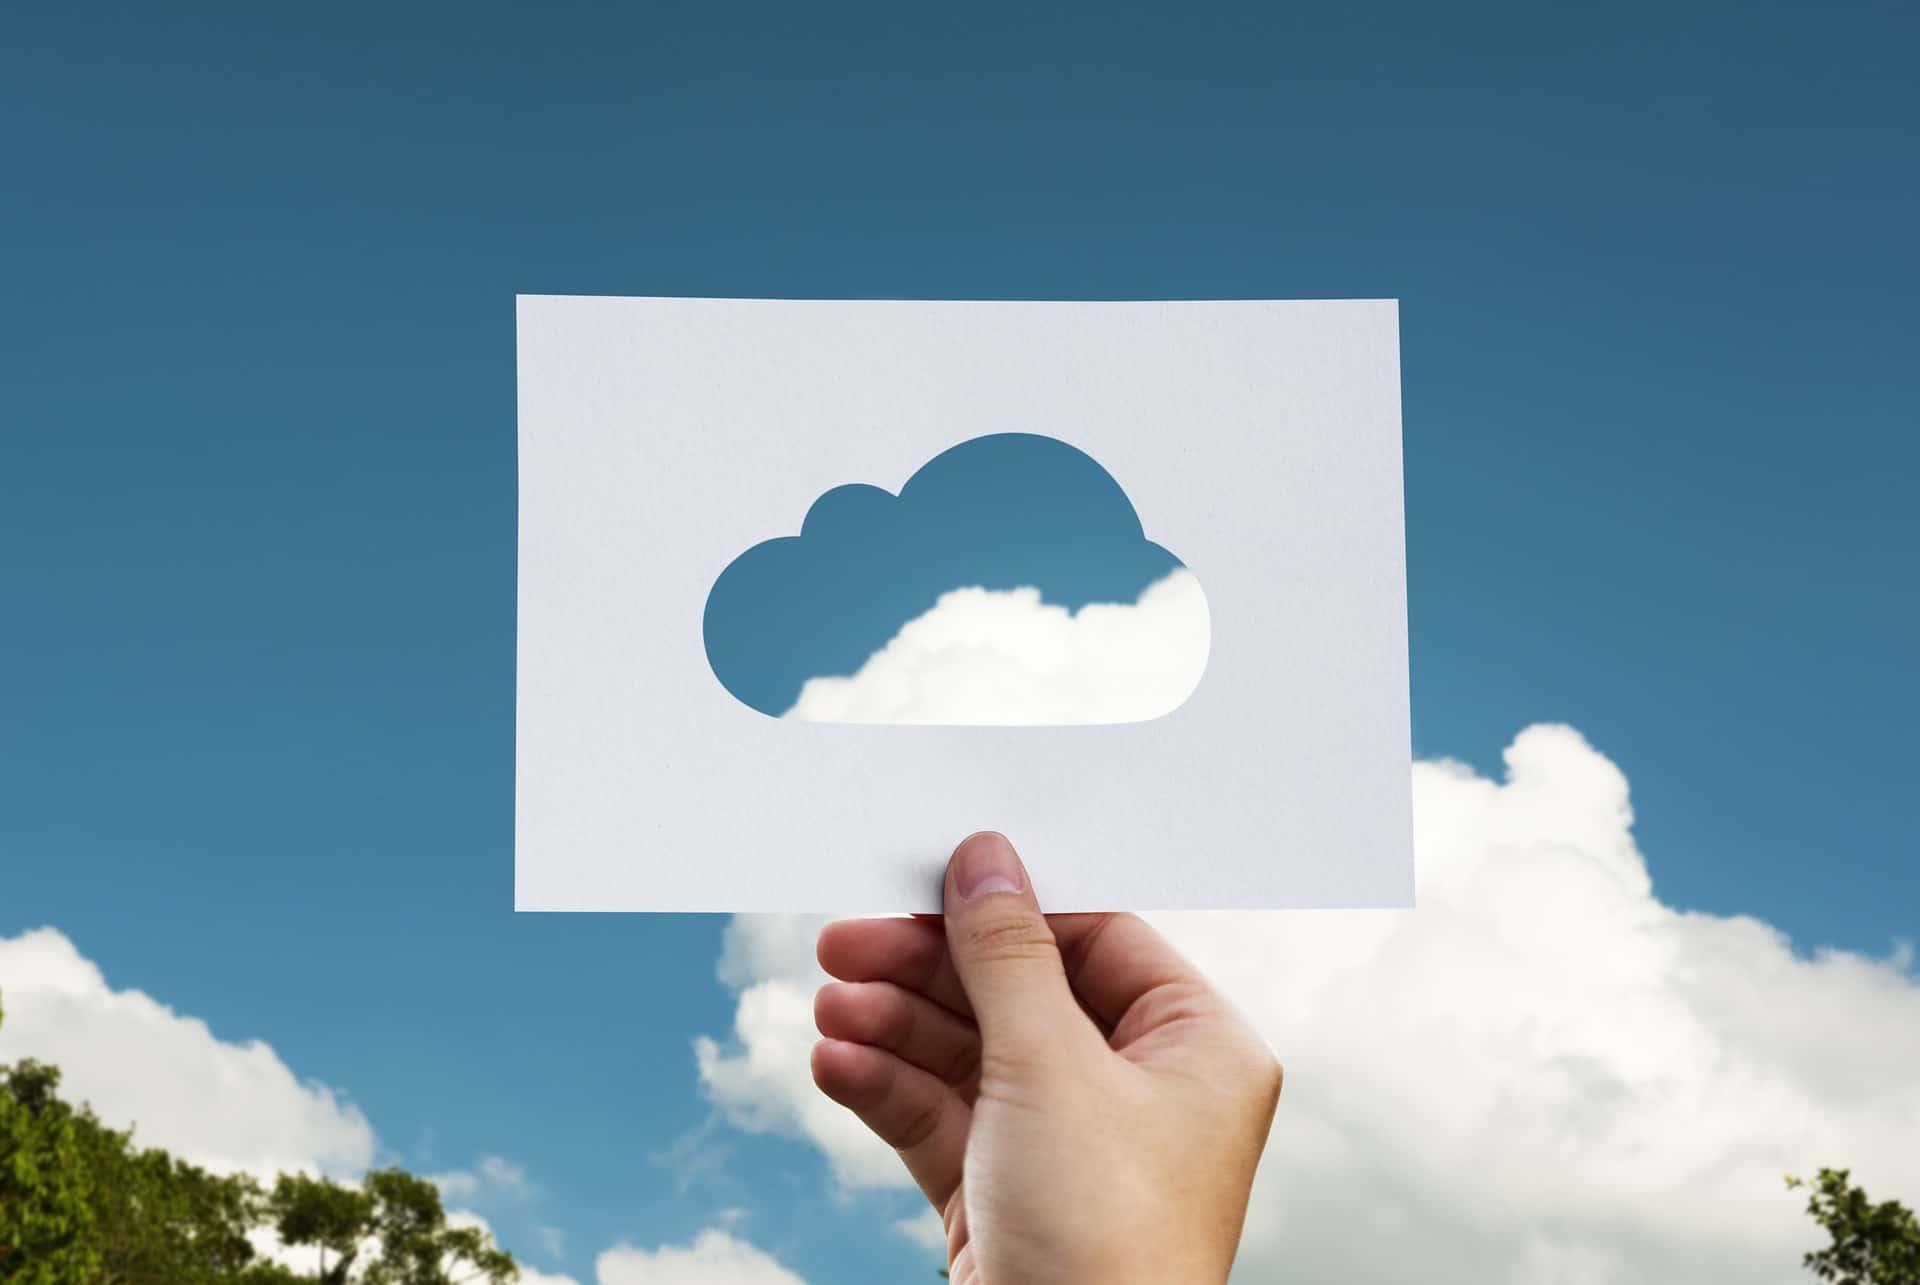 Carbon Cluster / cloud picture